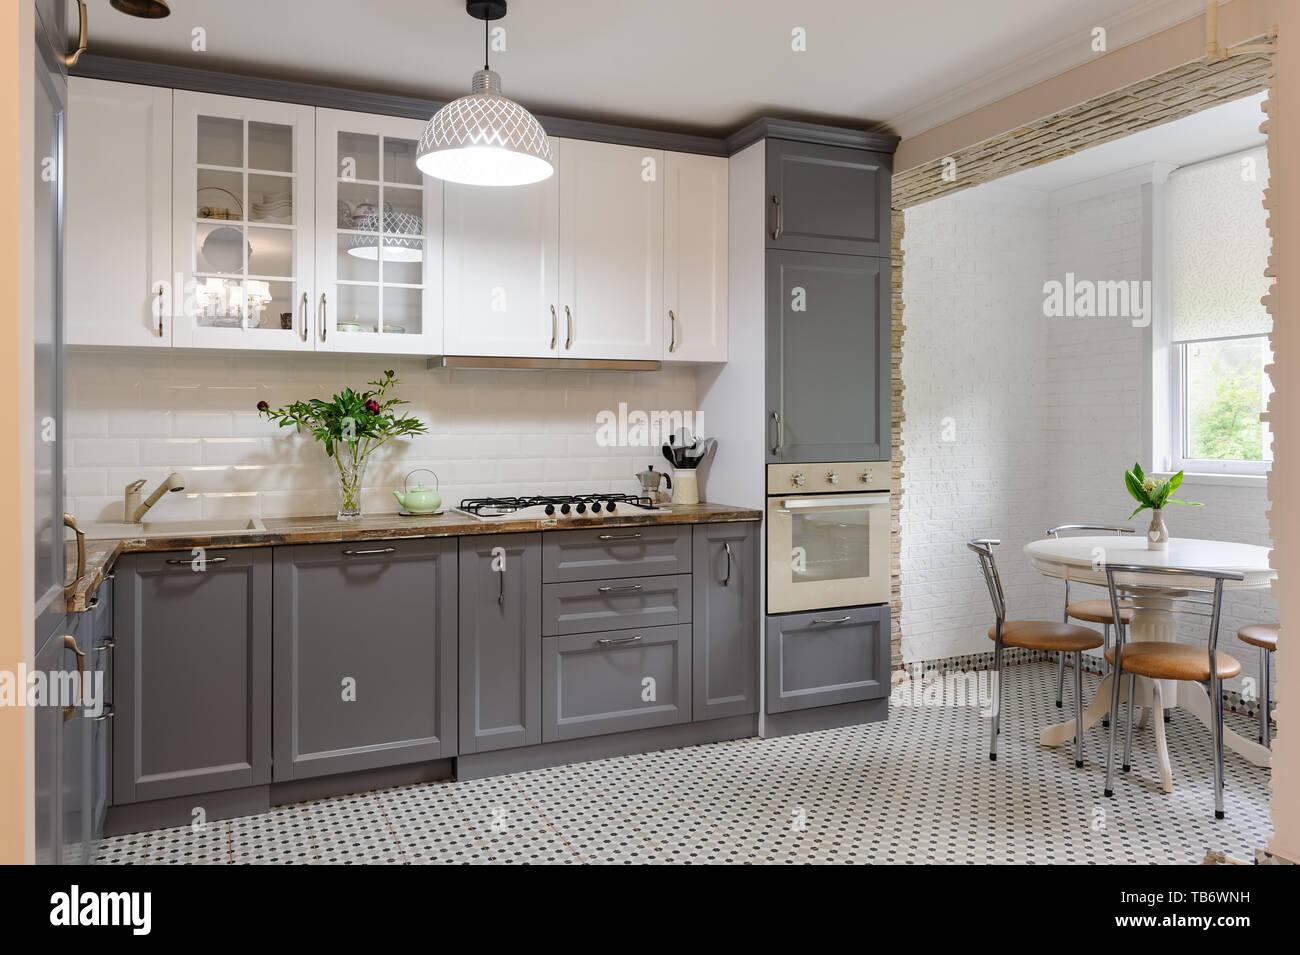 Moderne graue und weiße Küche aus Holz innen Stockfoto, Bild ...